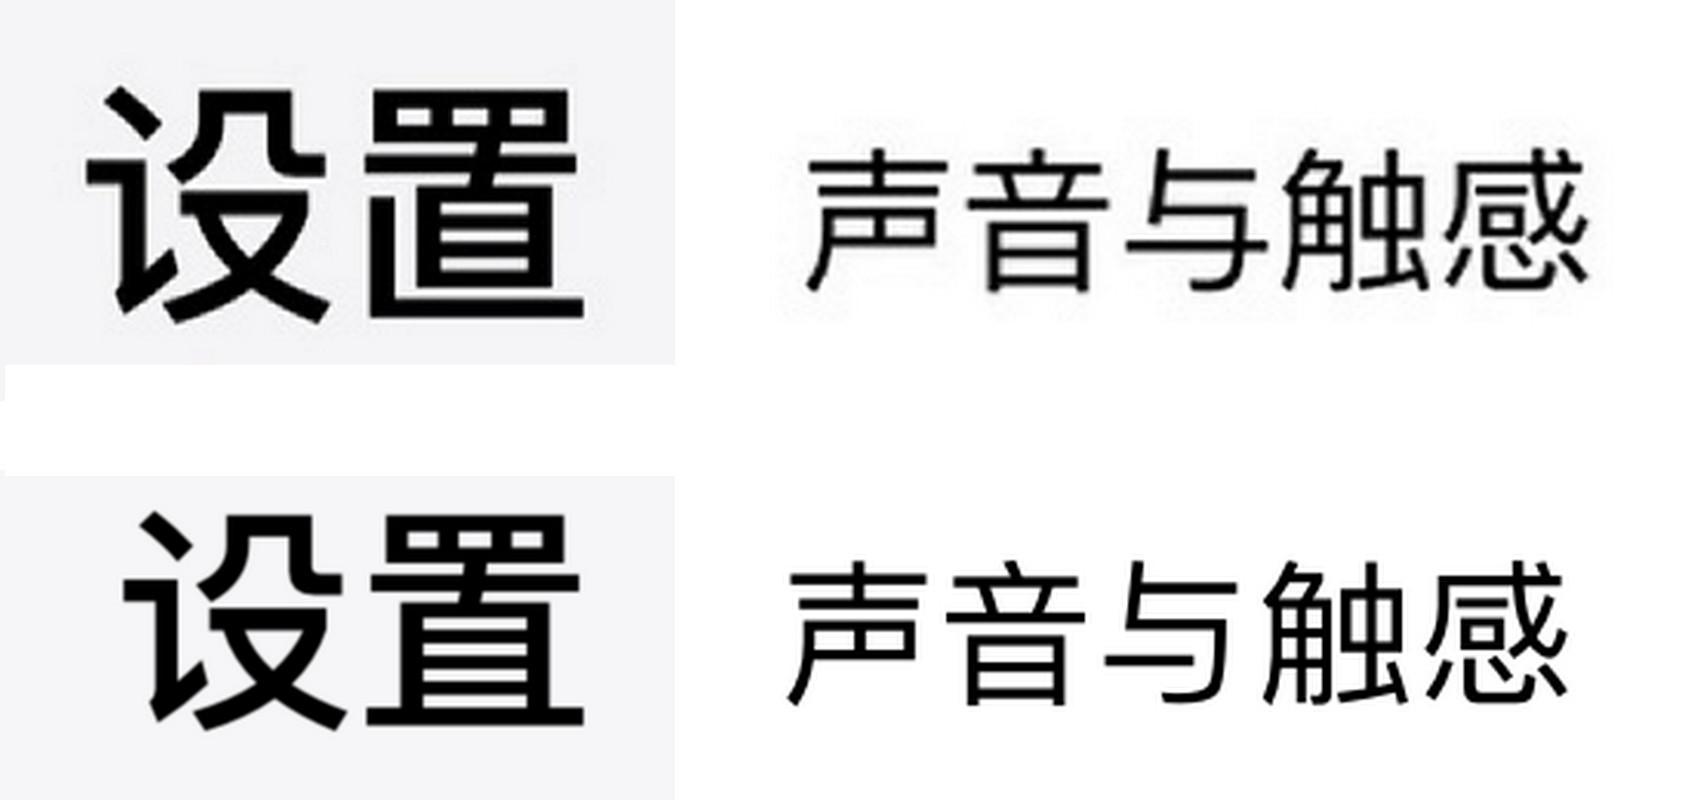 iPhone 更换系统字体教程,附日系简体字体下载